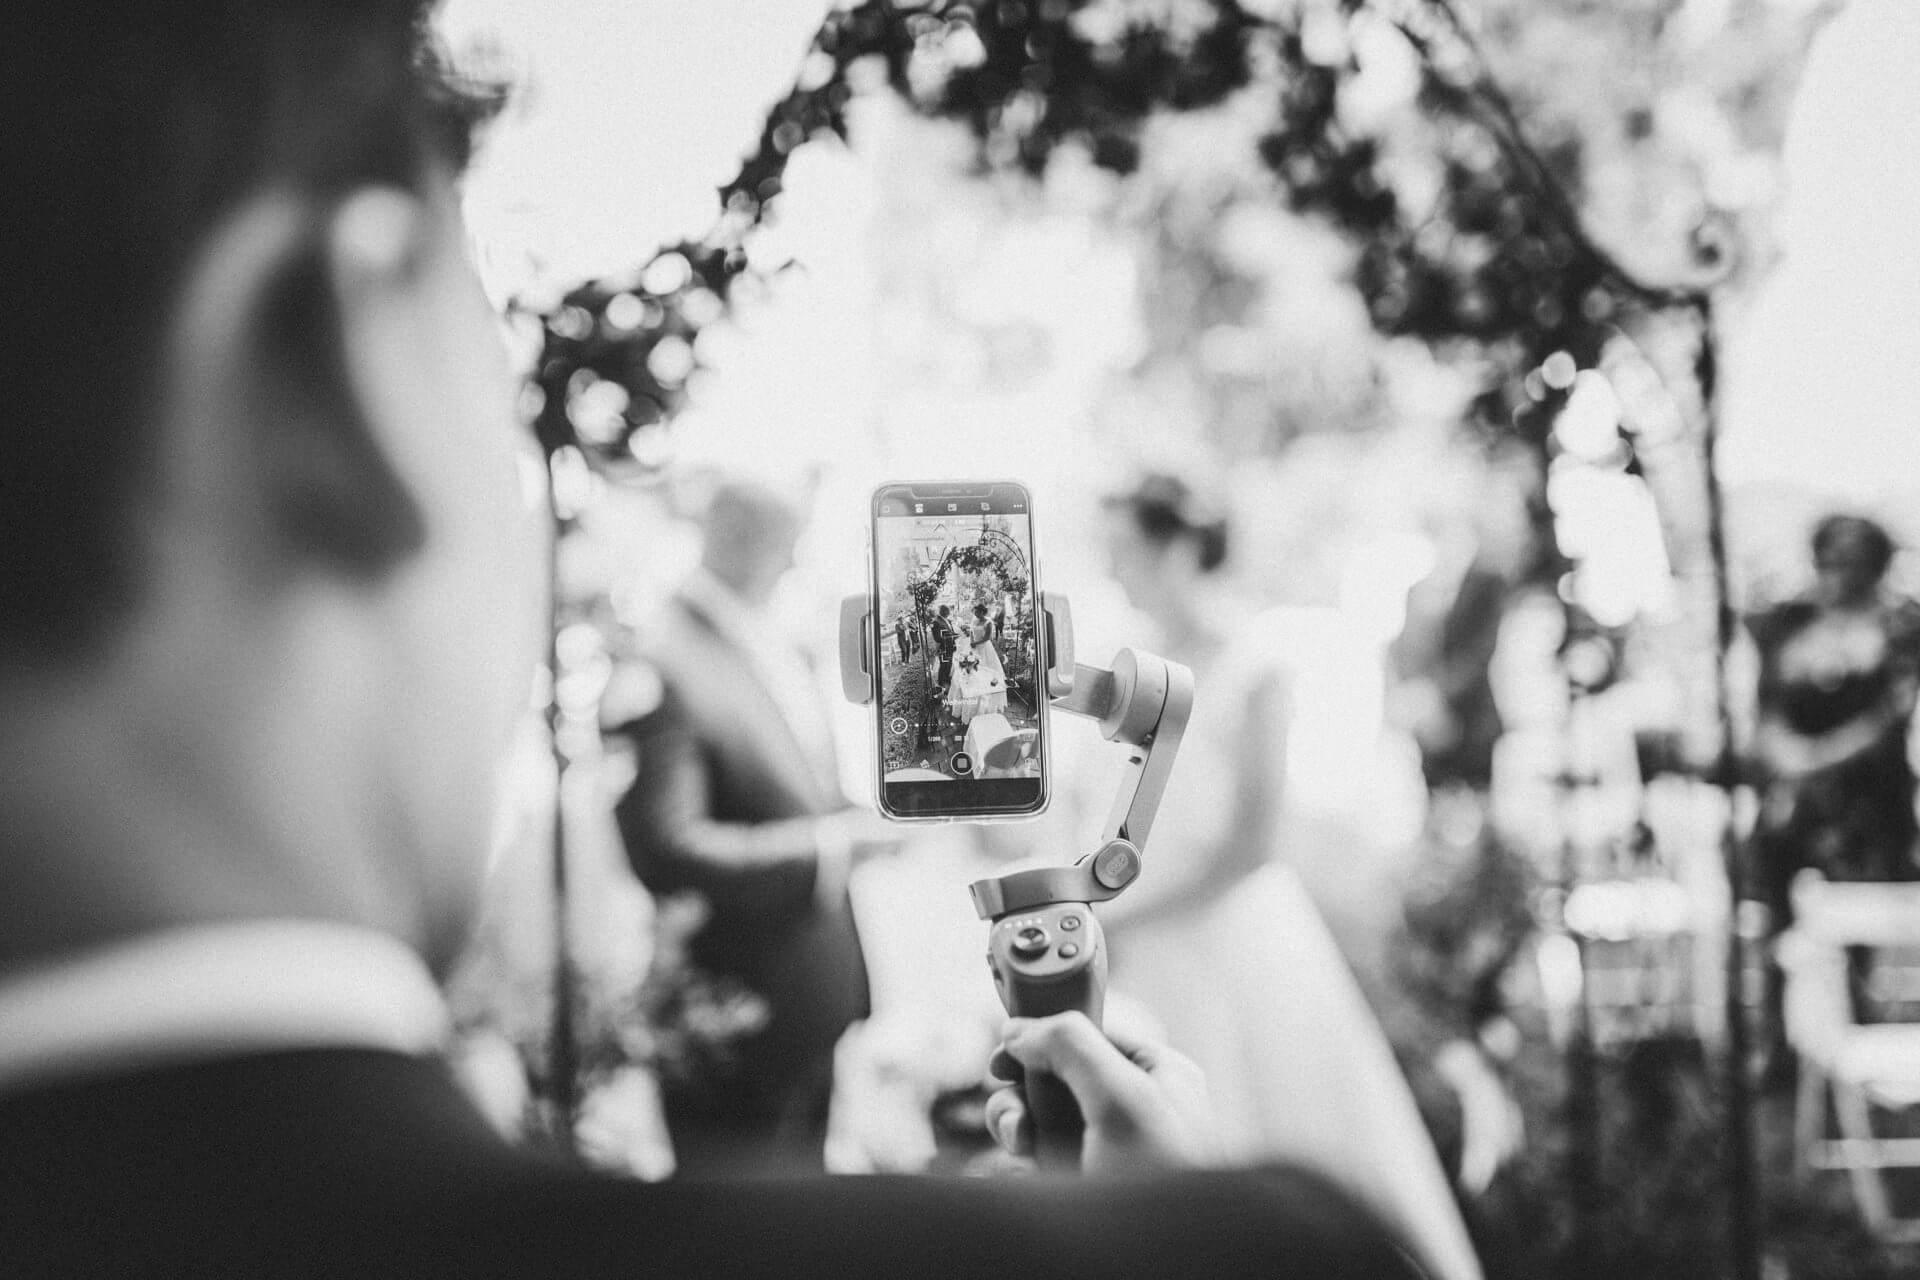 Hochzeitslocation Schloss Stammheim, Corona-Hochzeit, Trauung im Schloss, Standesamt Fotograf Florstadt, Hochzeitsfotograf Florstadt + Wetterau